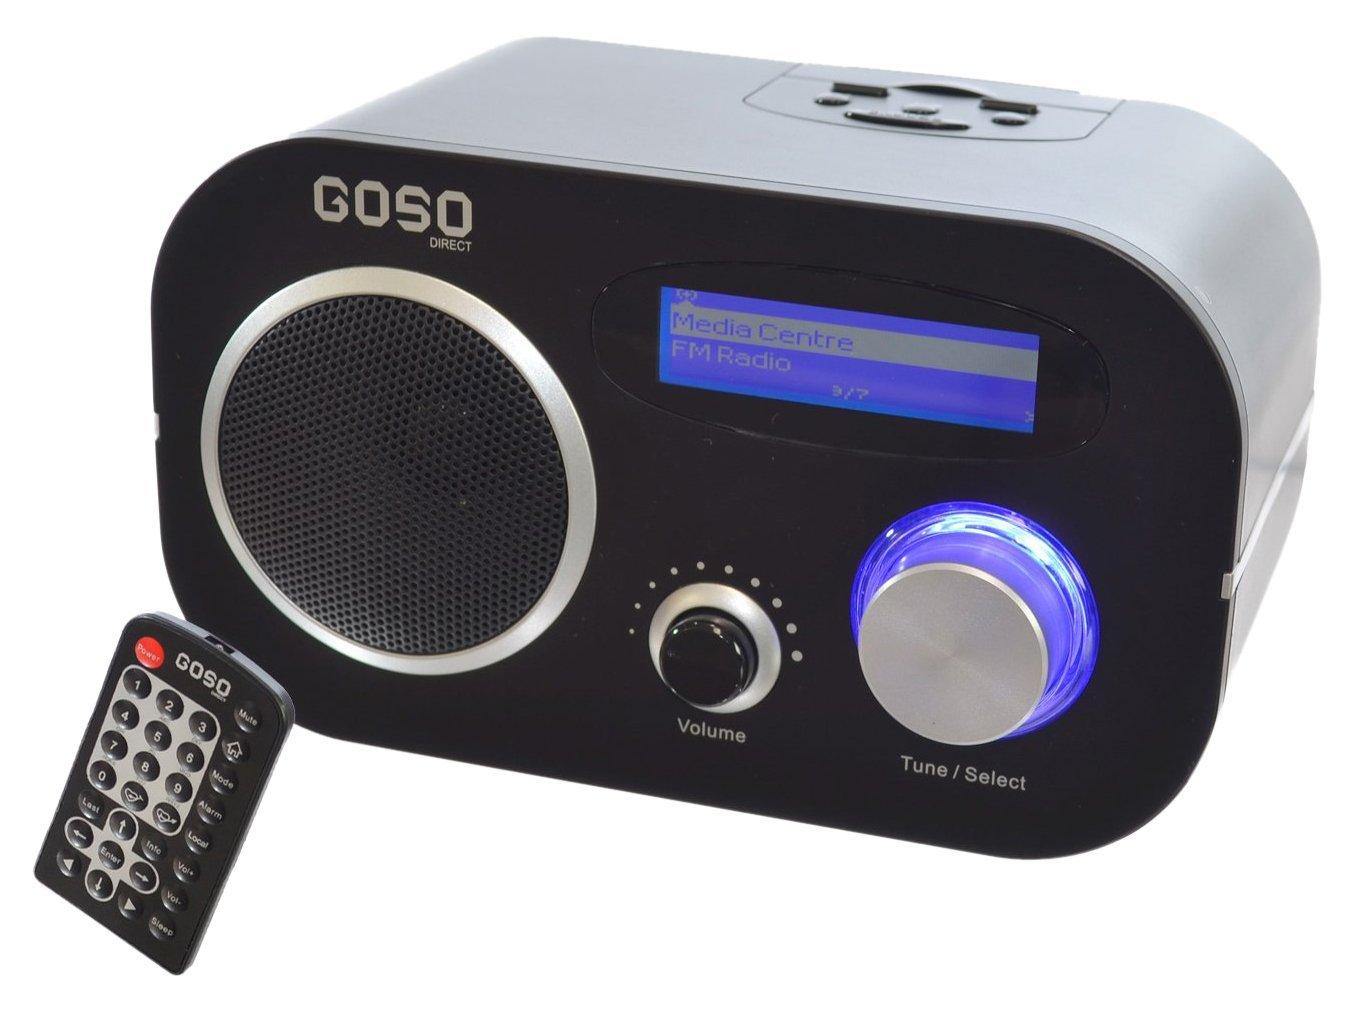 Máy Radio   Đi Internet / FM radio music player, đồng hồ báo thức kết nối WiFi, WLAN và Ethernet gi